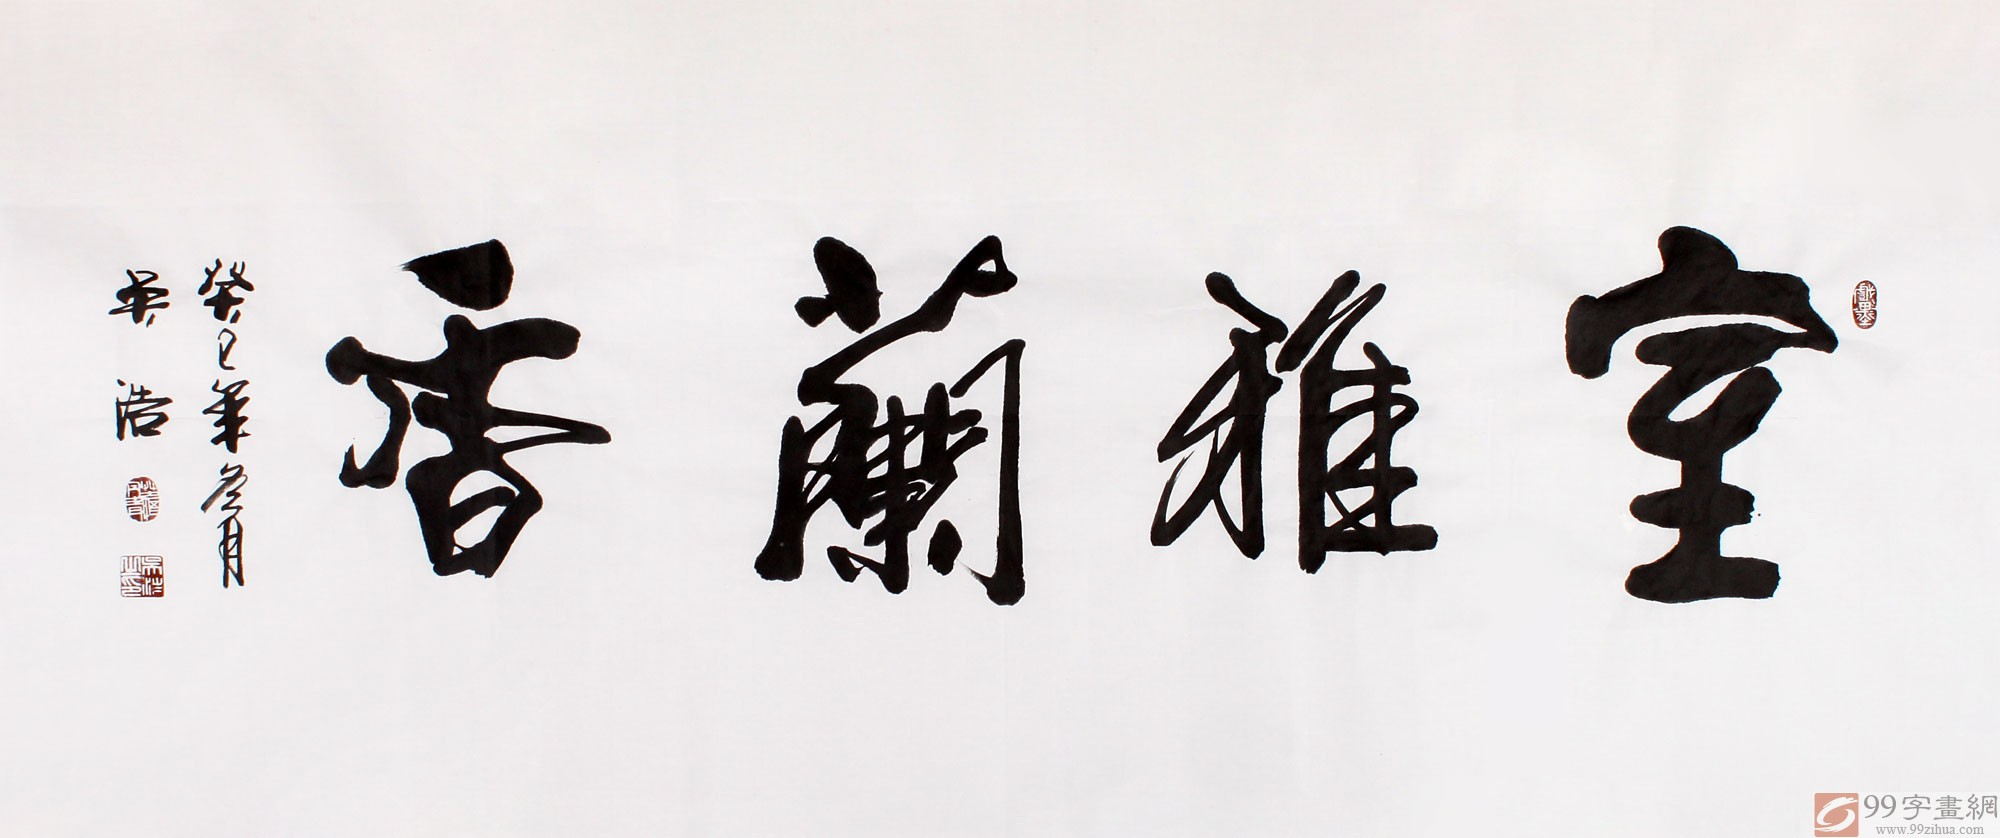 仔细品味吴浩先生的这幅《室雅兰香》书法,端正平稳,在书写过程中,笔